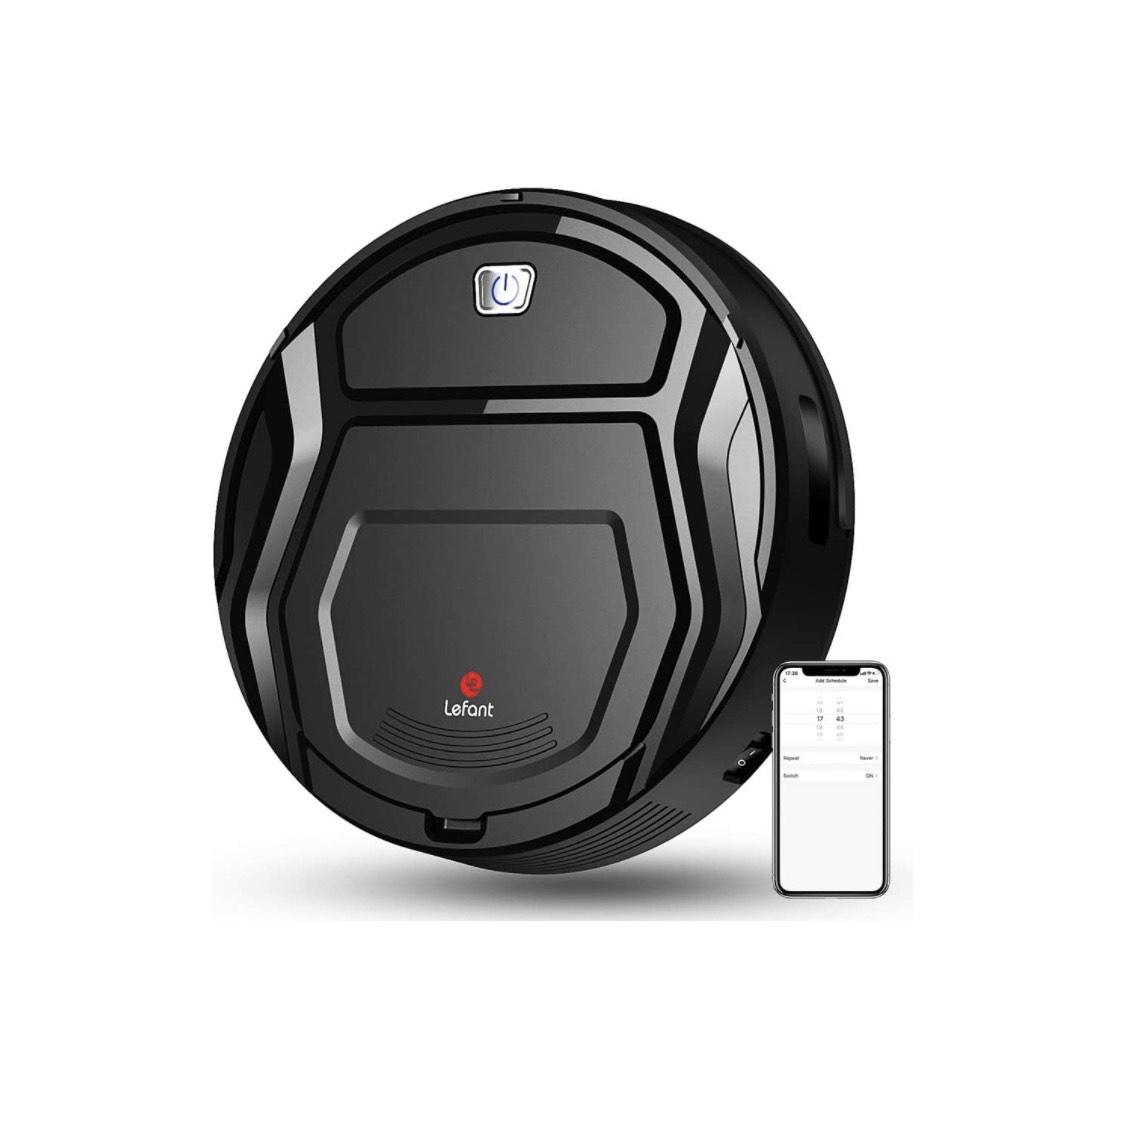 LEFANT Robot Aspirador 1800Pa   Cupón -60€